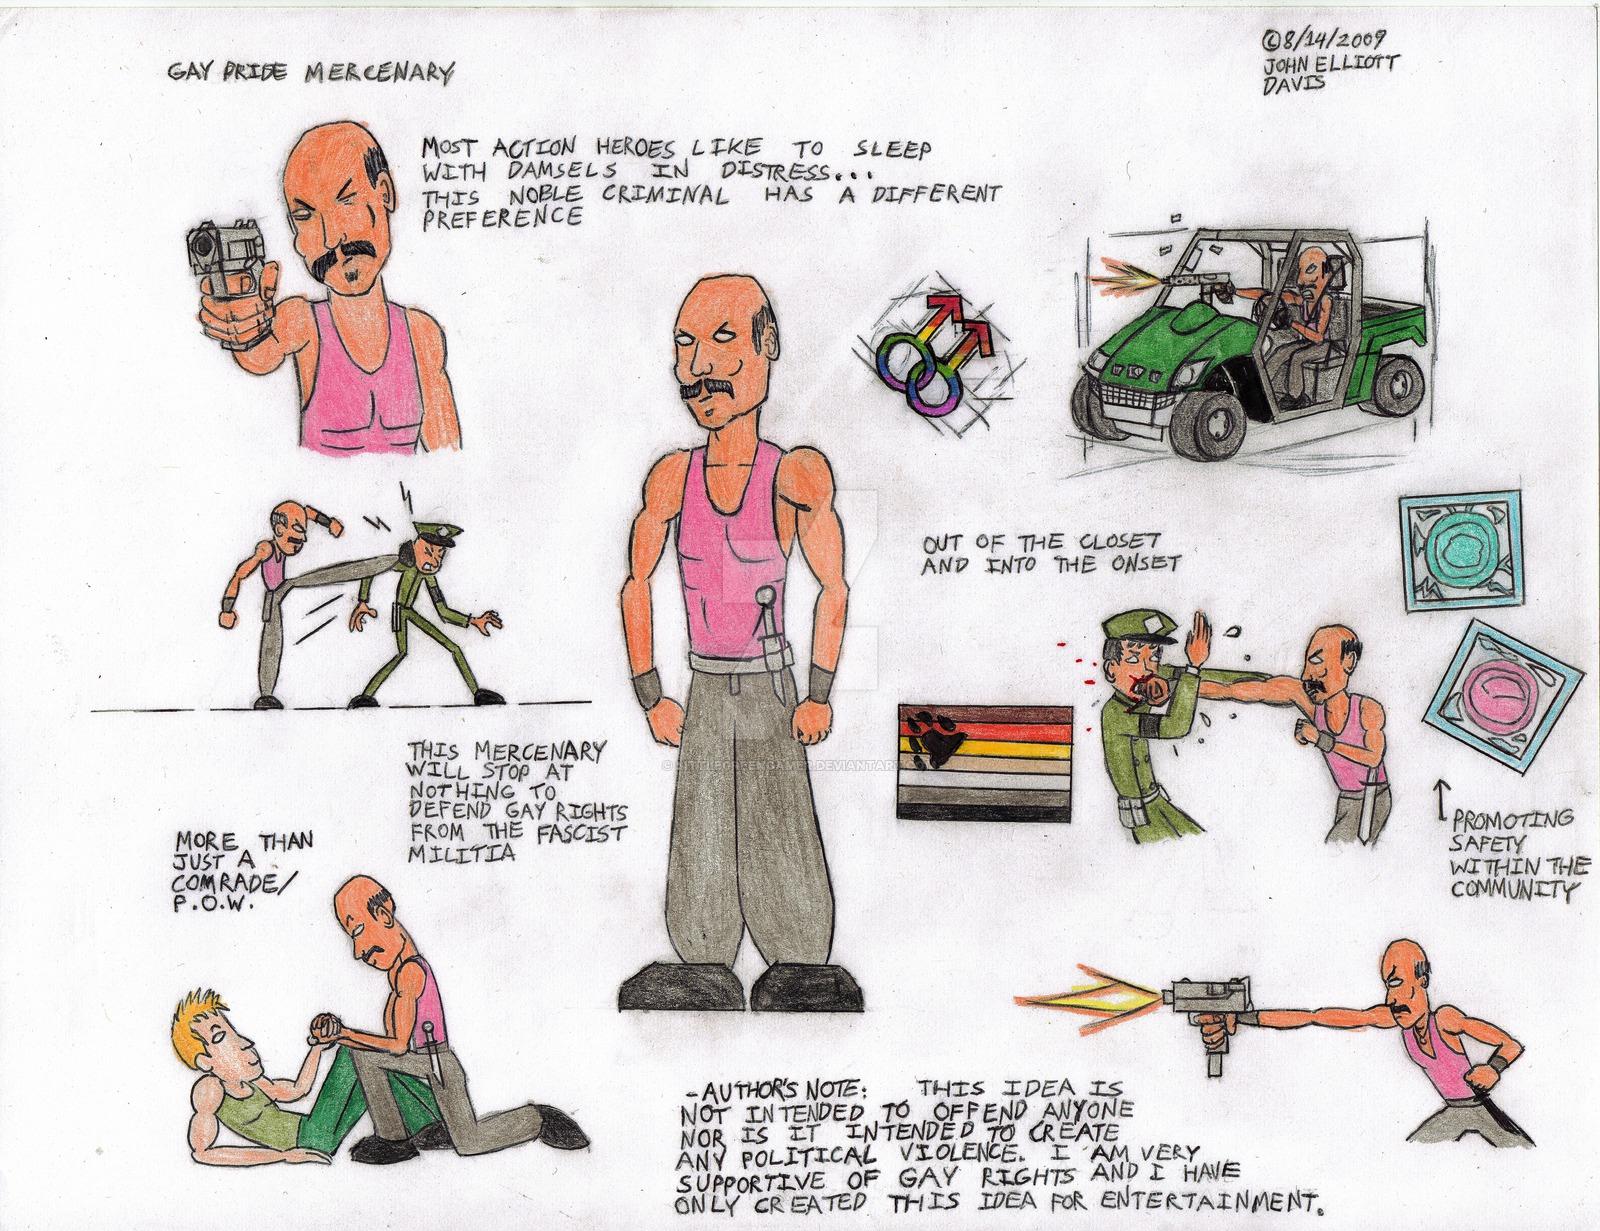 Gay Pride Mercenary Concept - 2009